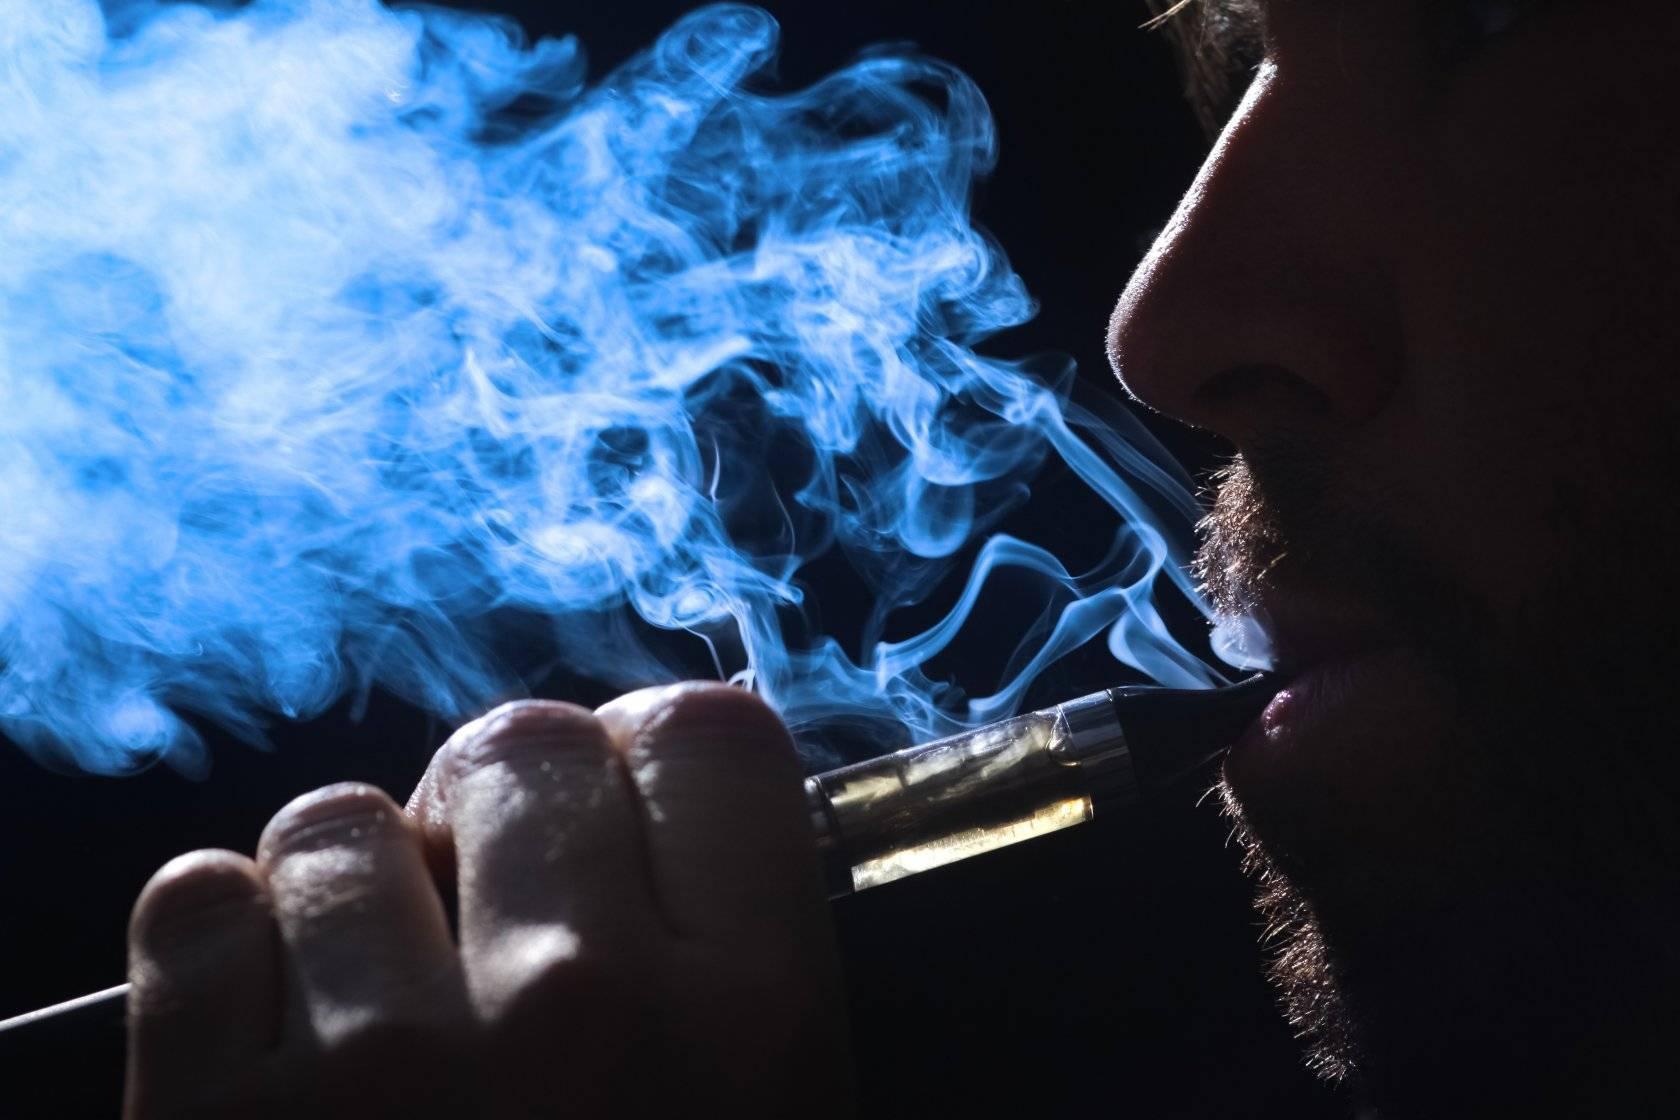 Как курение влияет на мужскую потенцию. курение и потенция: как привычка влияет на мужскую силу